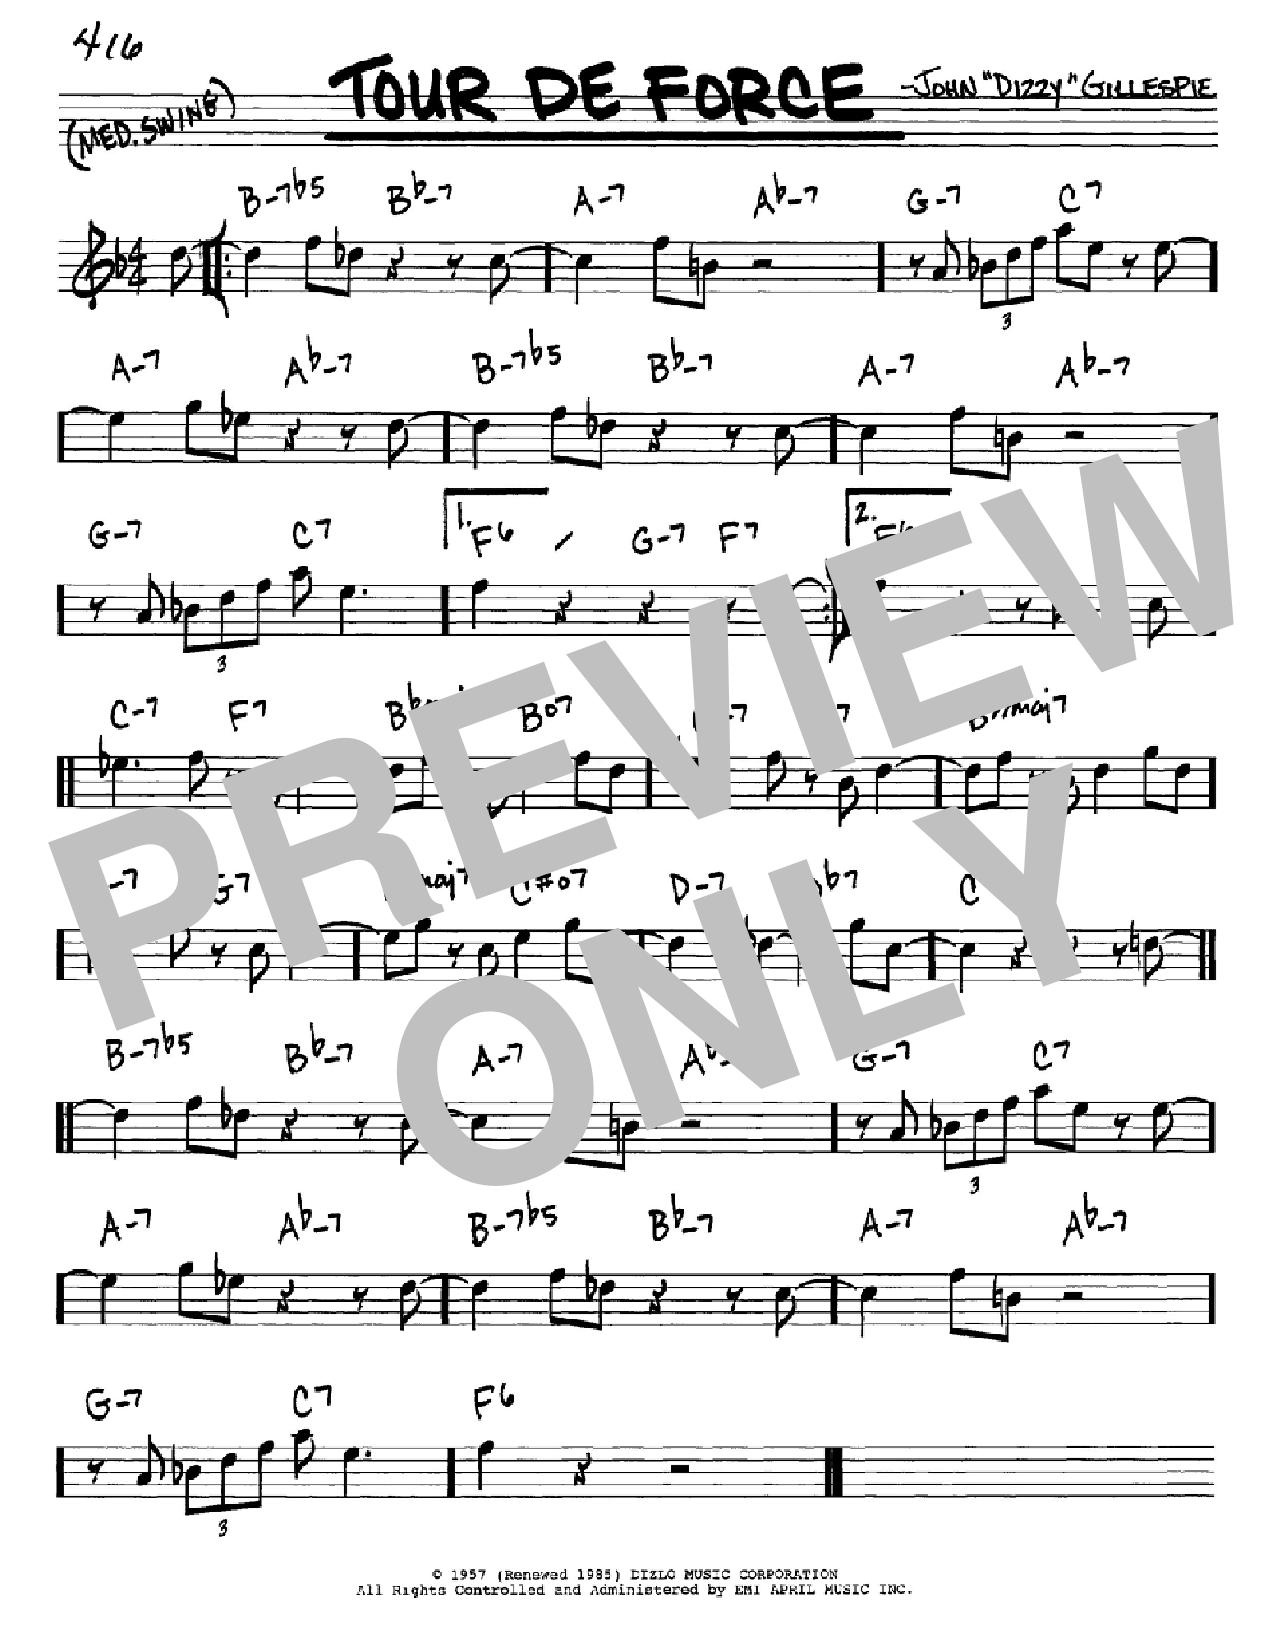 Partition autre Tour De Force de Dizzy Gillespie - Real Book, Melodie et Accords, Inst. En Mib